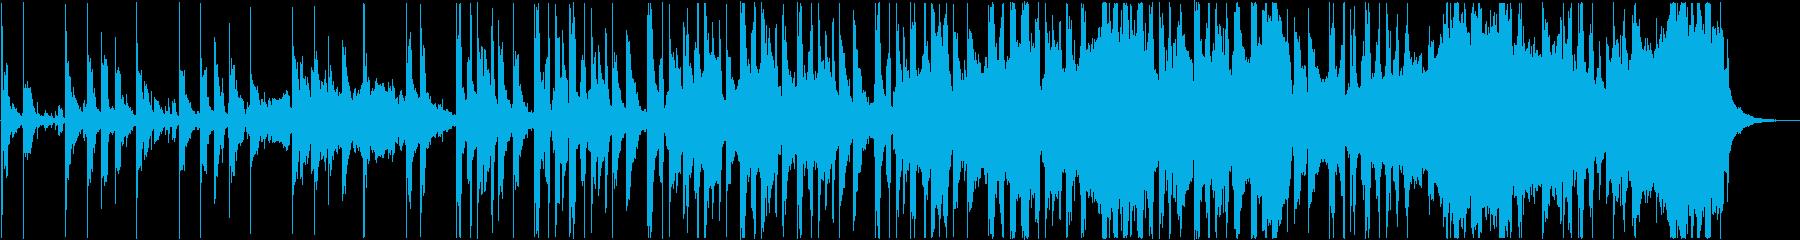 シンセサウンドとストリングス&木管の再生済みの波形